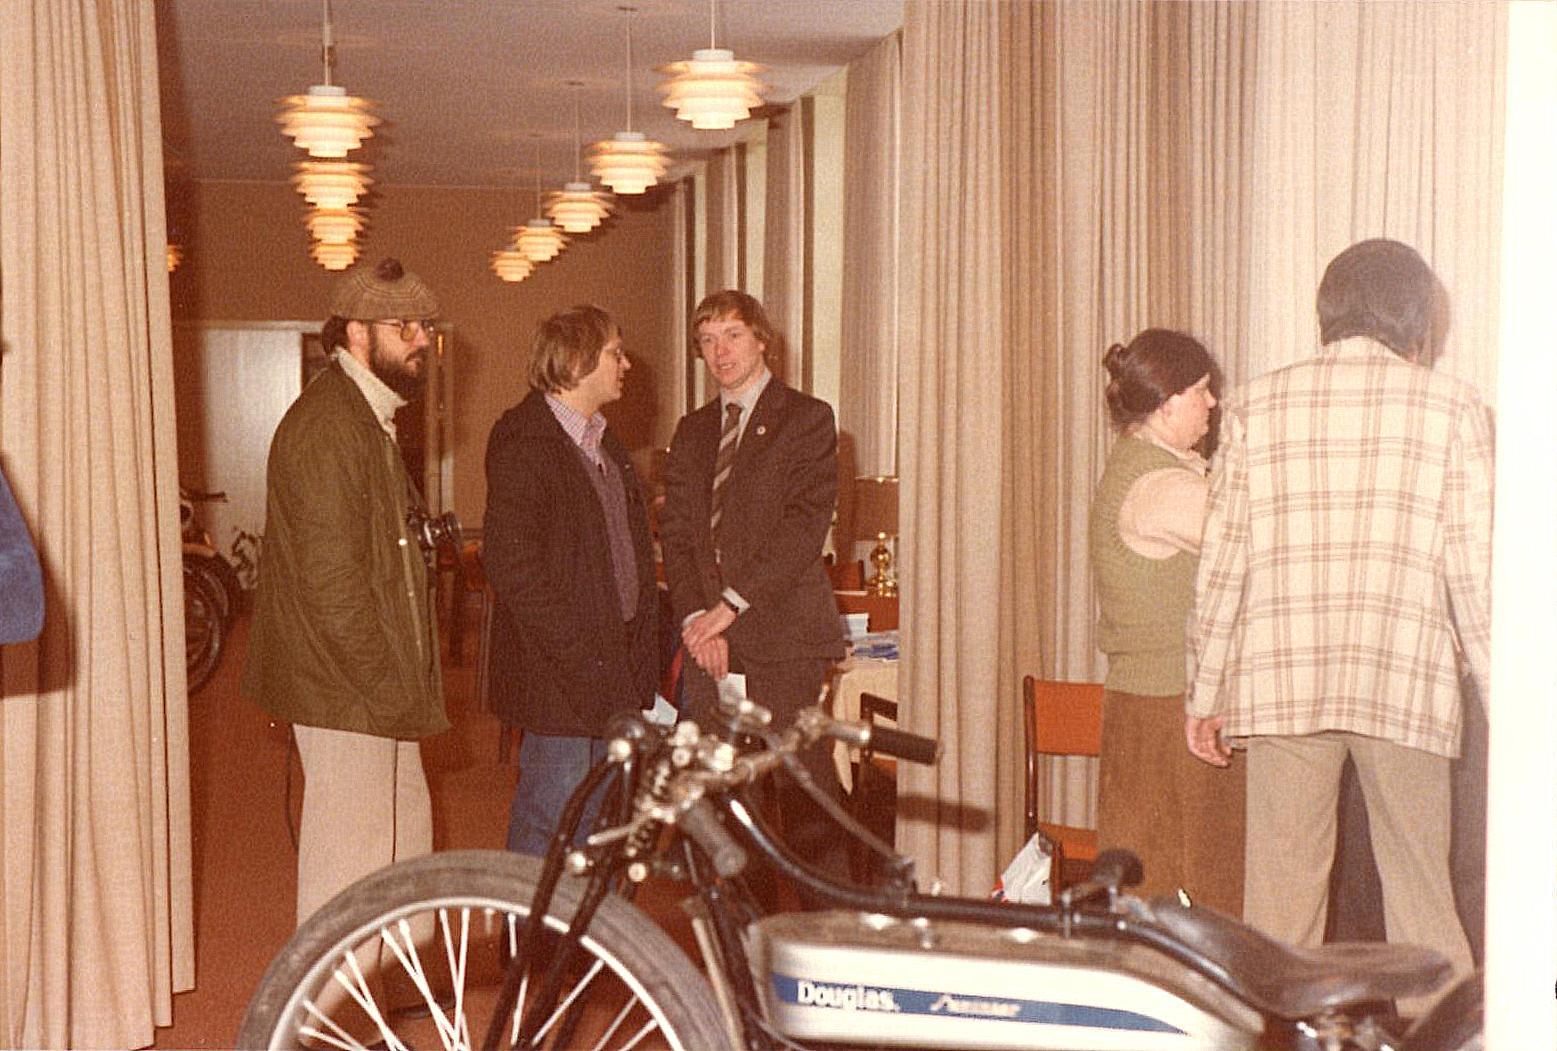 Formanden Lars Pedersen i interview med Helge Laursen. Margit og Gert Nøjsen til højre.